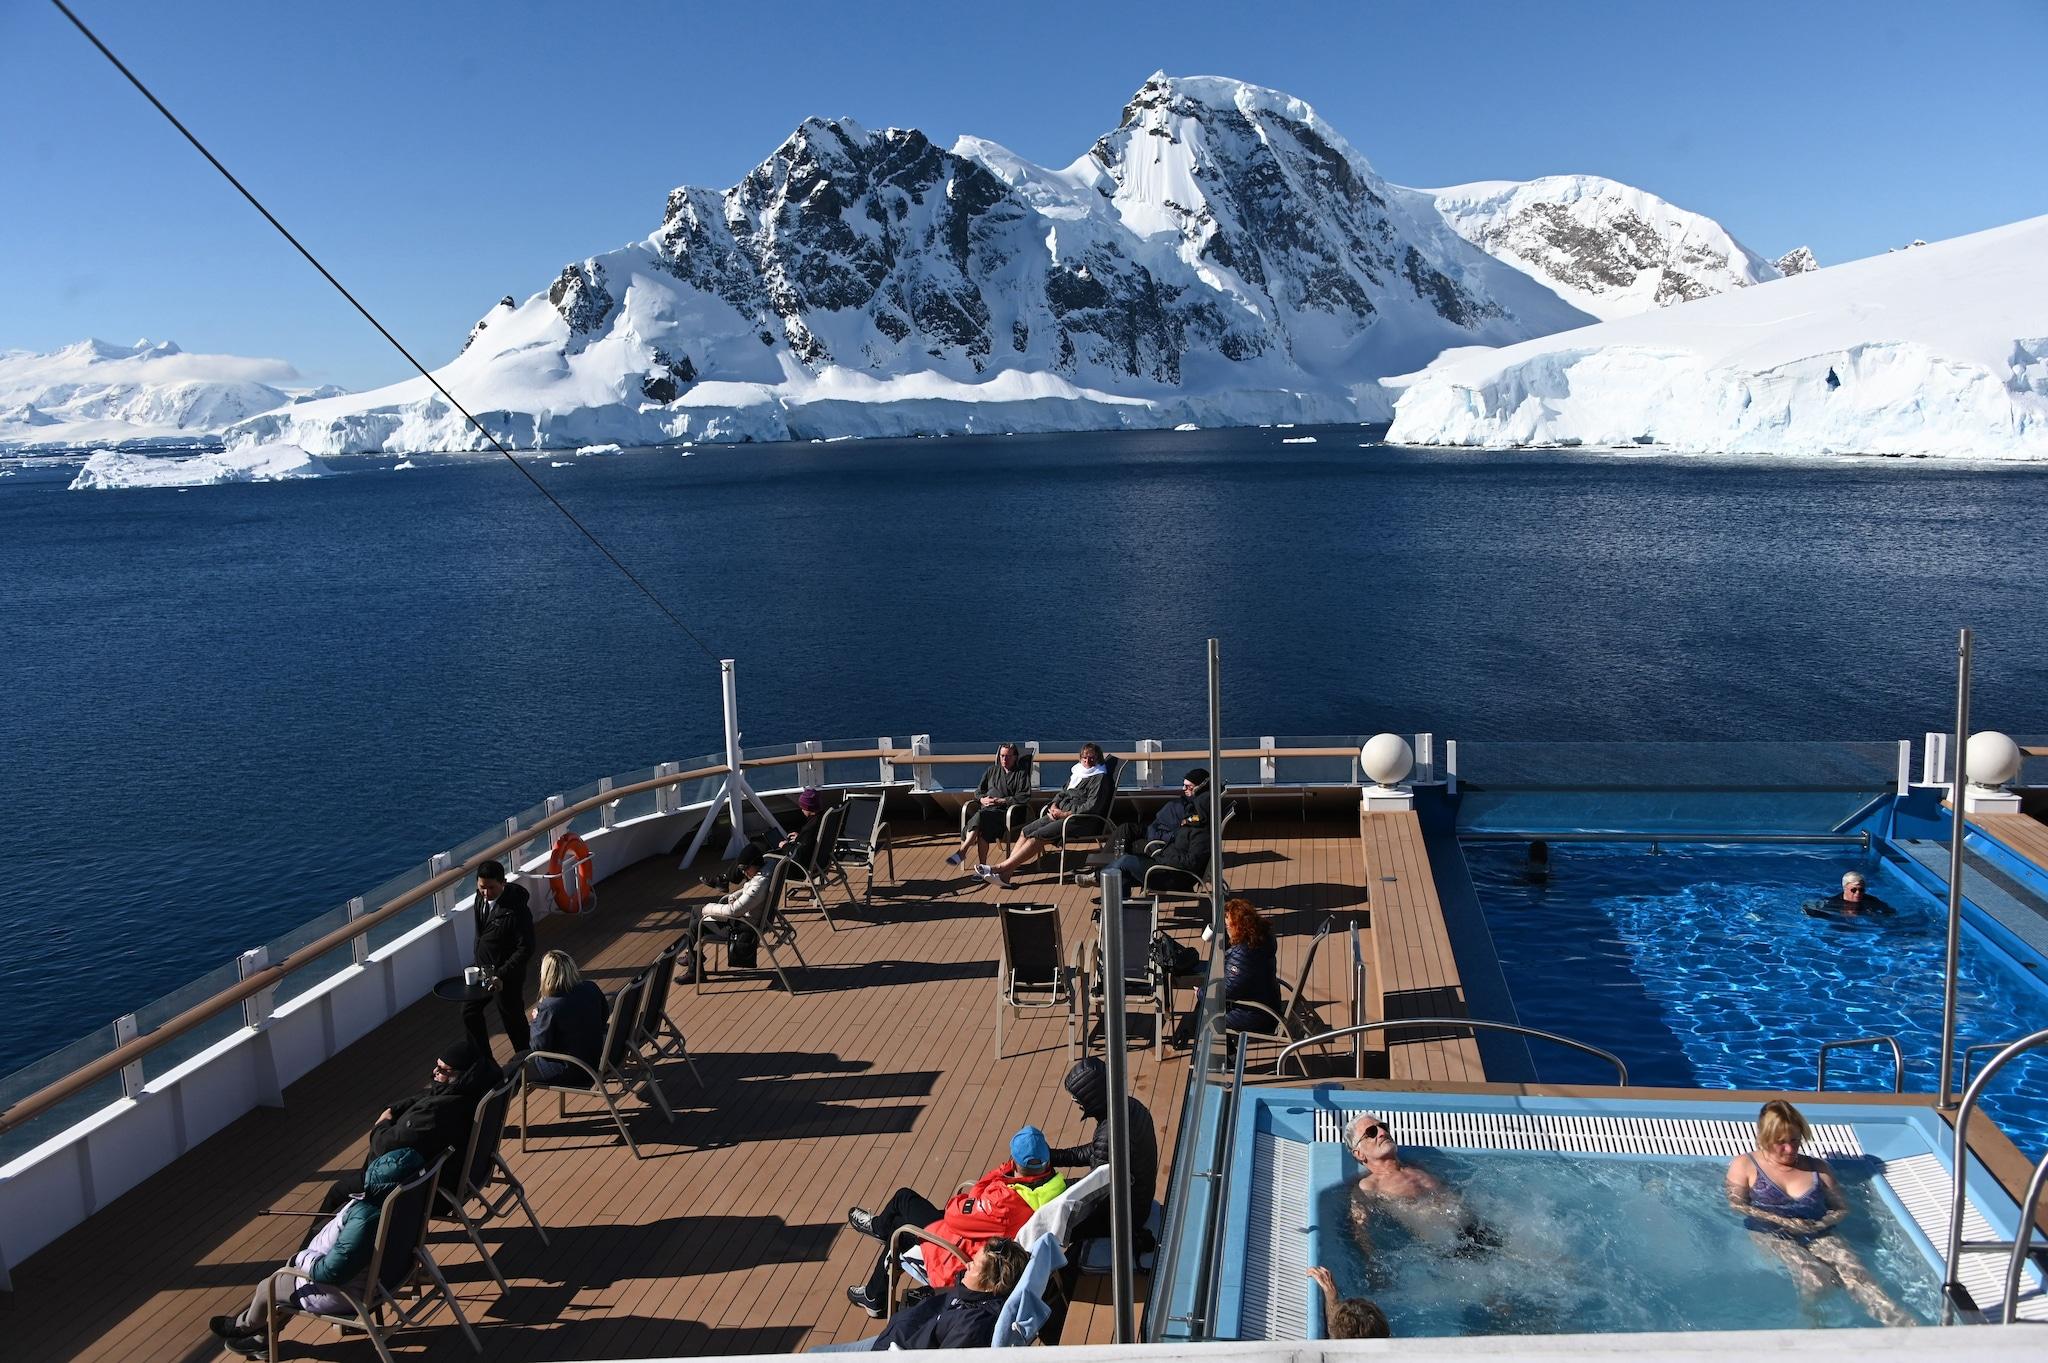 Turisti prendono il sole in piscina di fronte a un ghiacciaio islandese